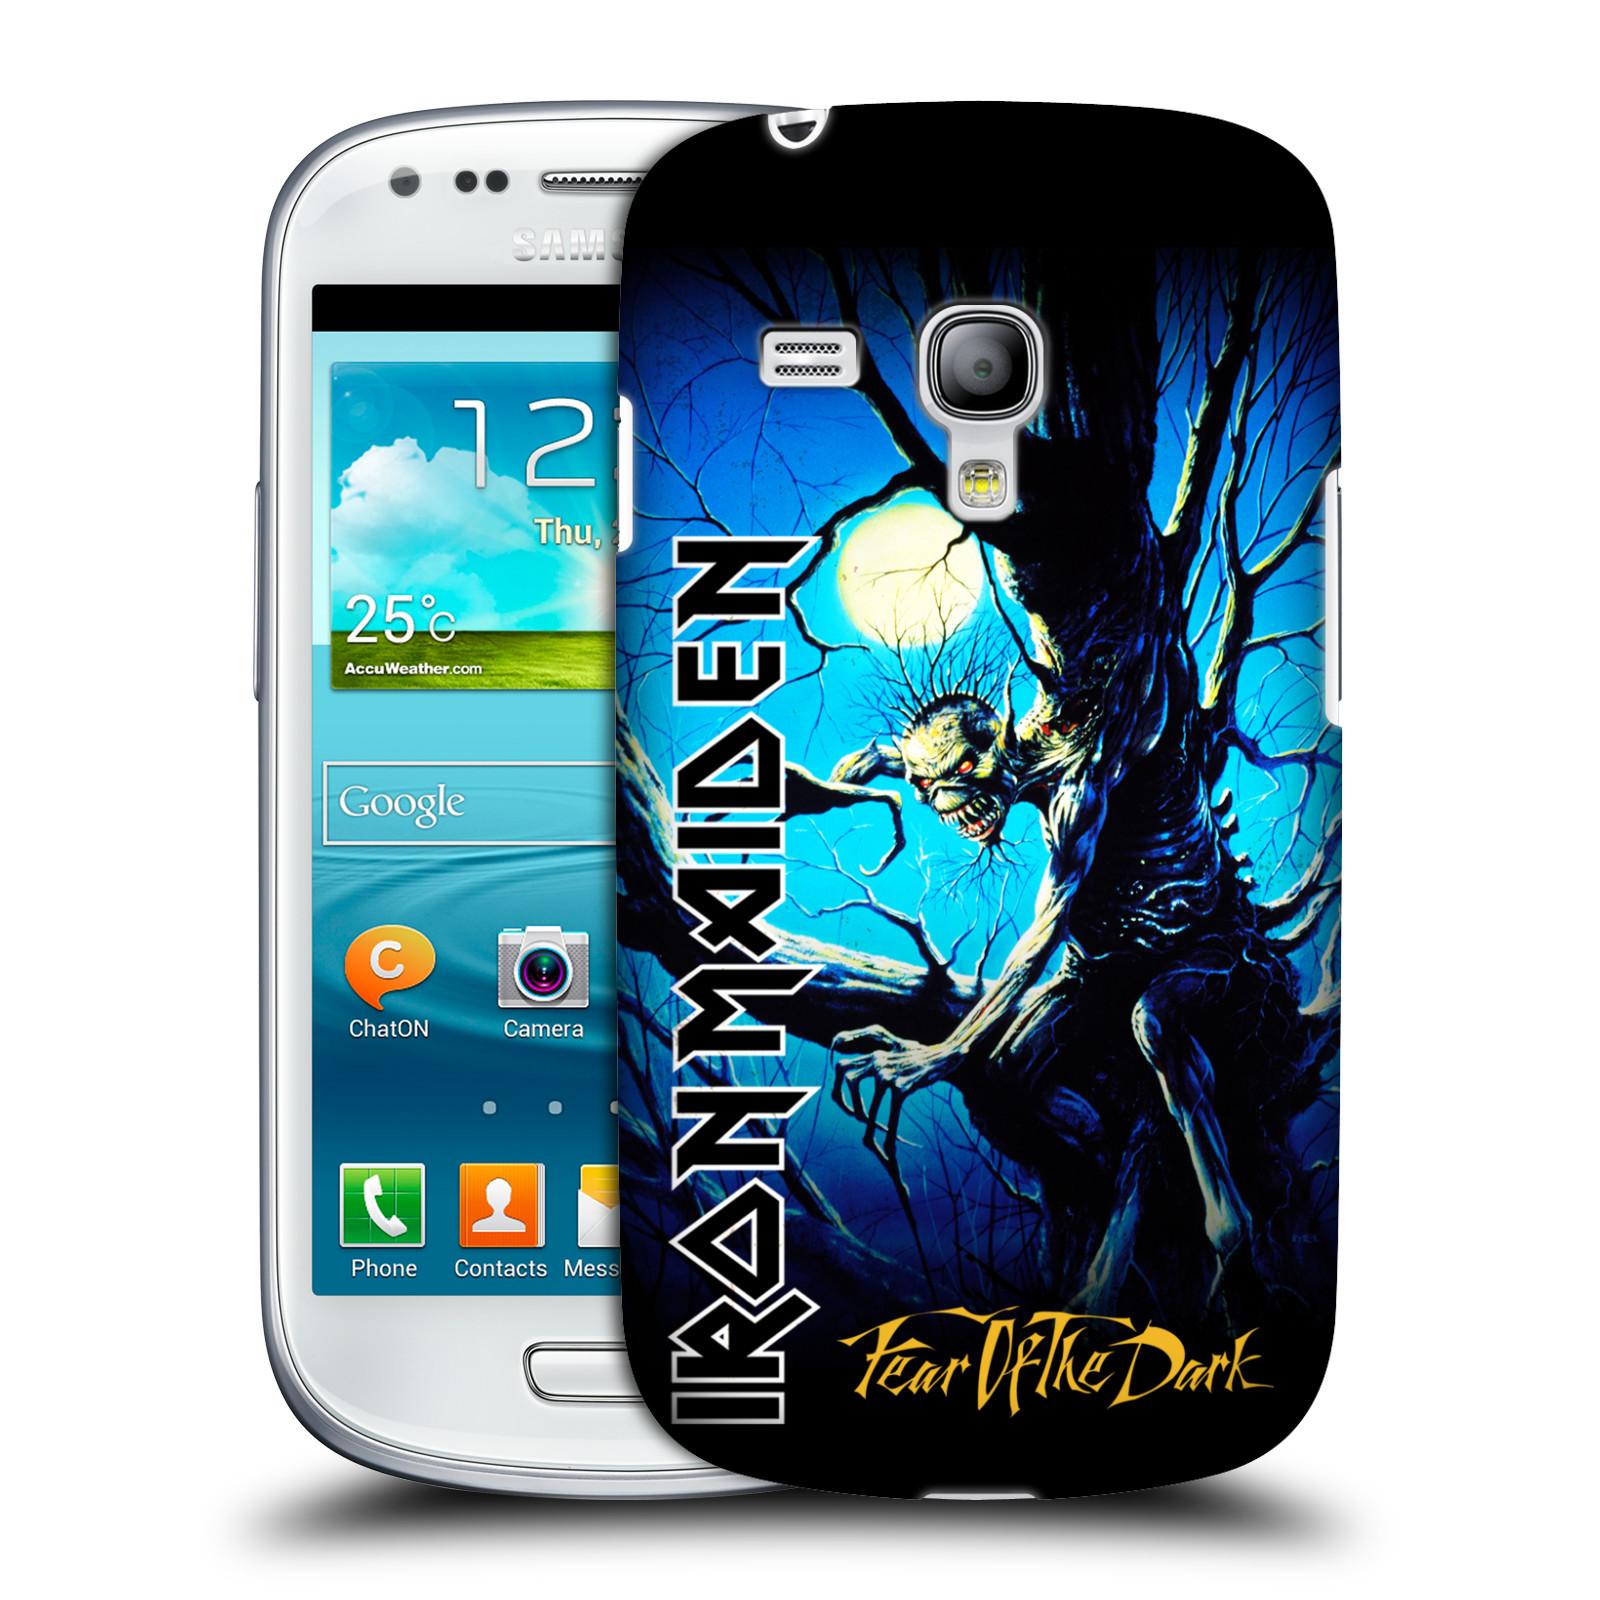 Silikonové pouzdro na mobil Samsung Galaxy S III Mini VE HEAD CASE - Iron Maiden - Fear Of The Dark (Plastový kryt či obal na mobilní telefon s licencovaným motivem Iron Maiden Samsung Galaxy S3 Mini VE GT-i8200)